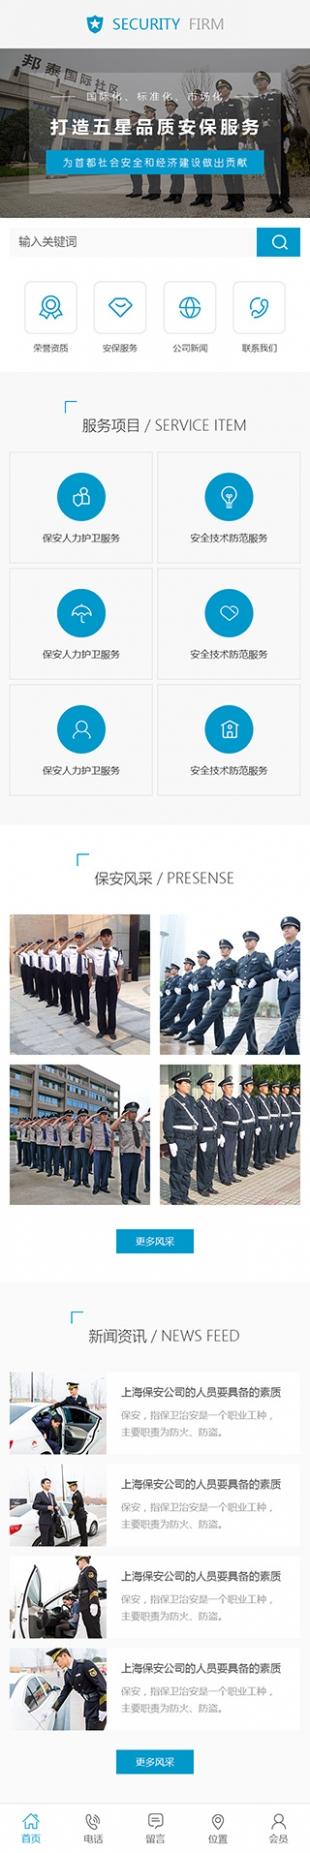 保安公司类网站通用模板手机图片